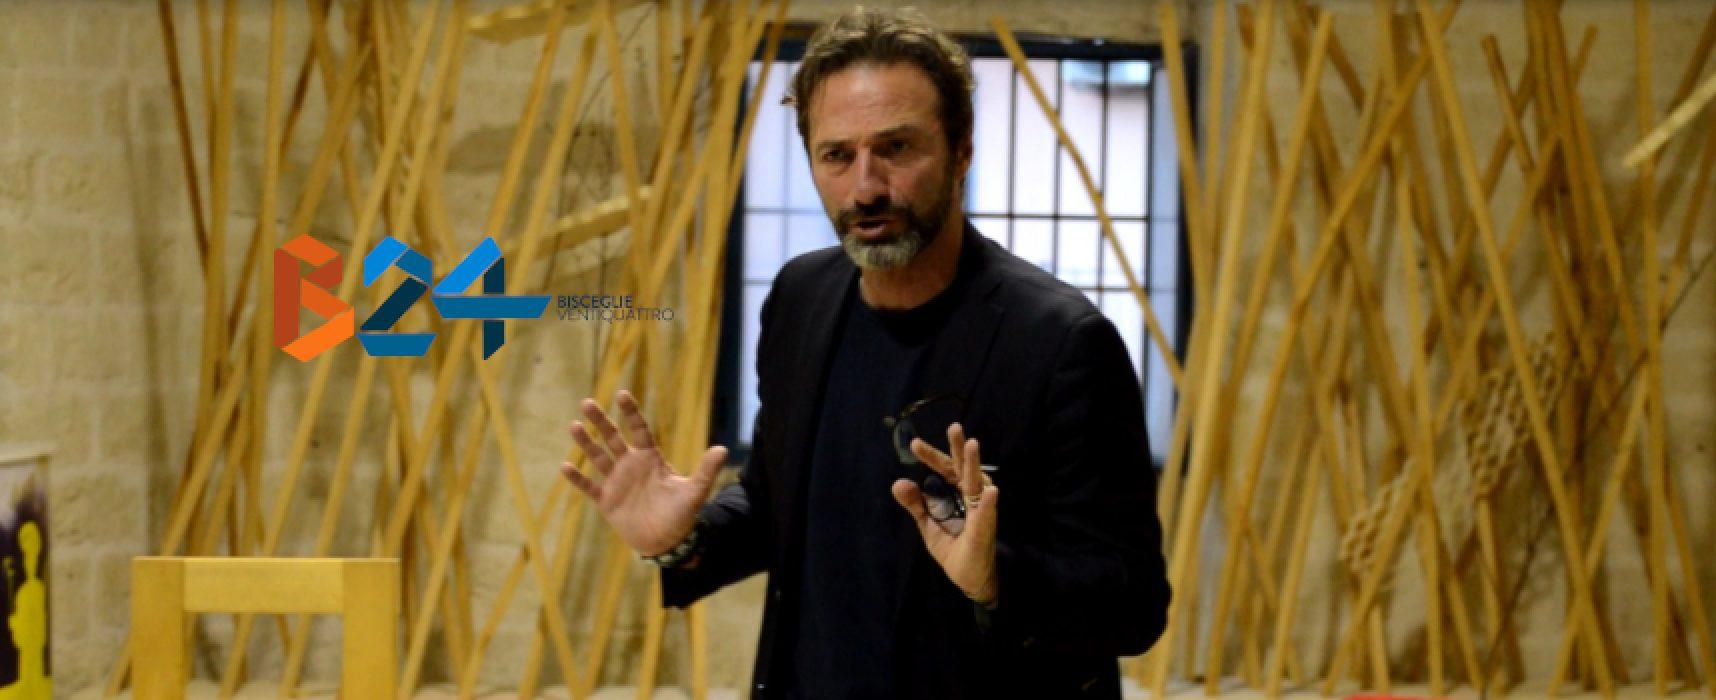 """Ballottaggio, Gianni Casella: """"Risultato straordinario. Ora cambiamo la storia della città"""""""